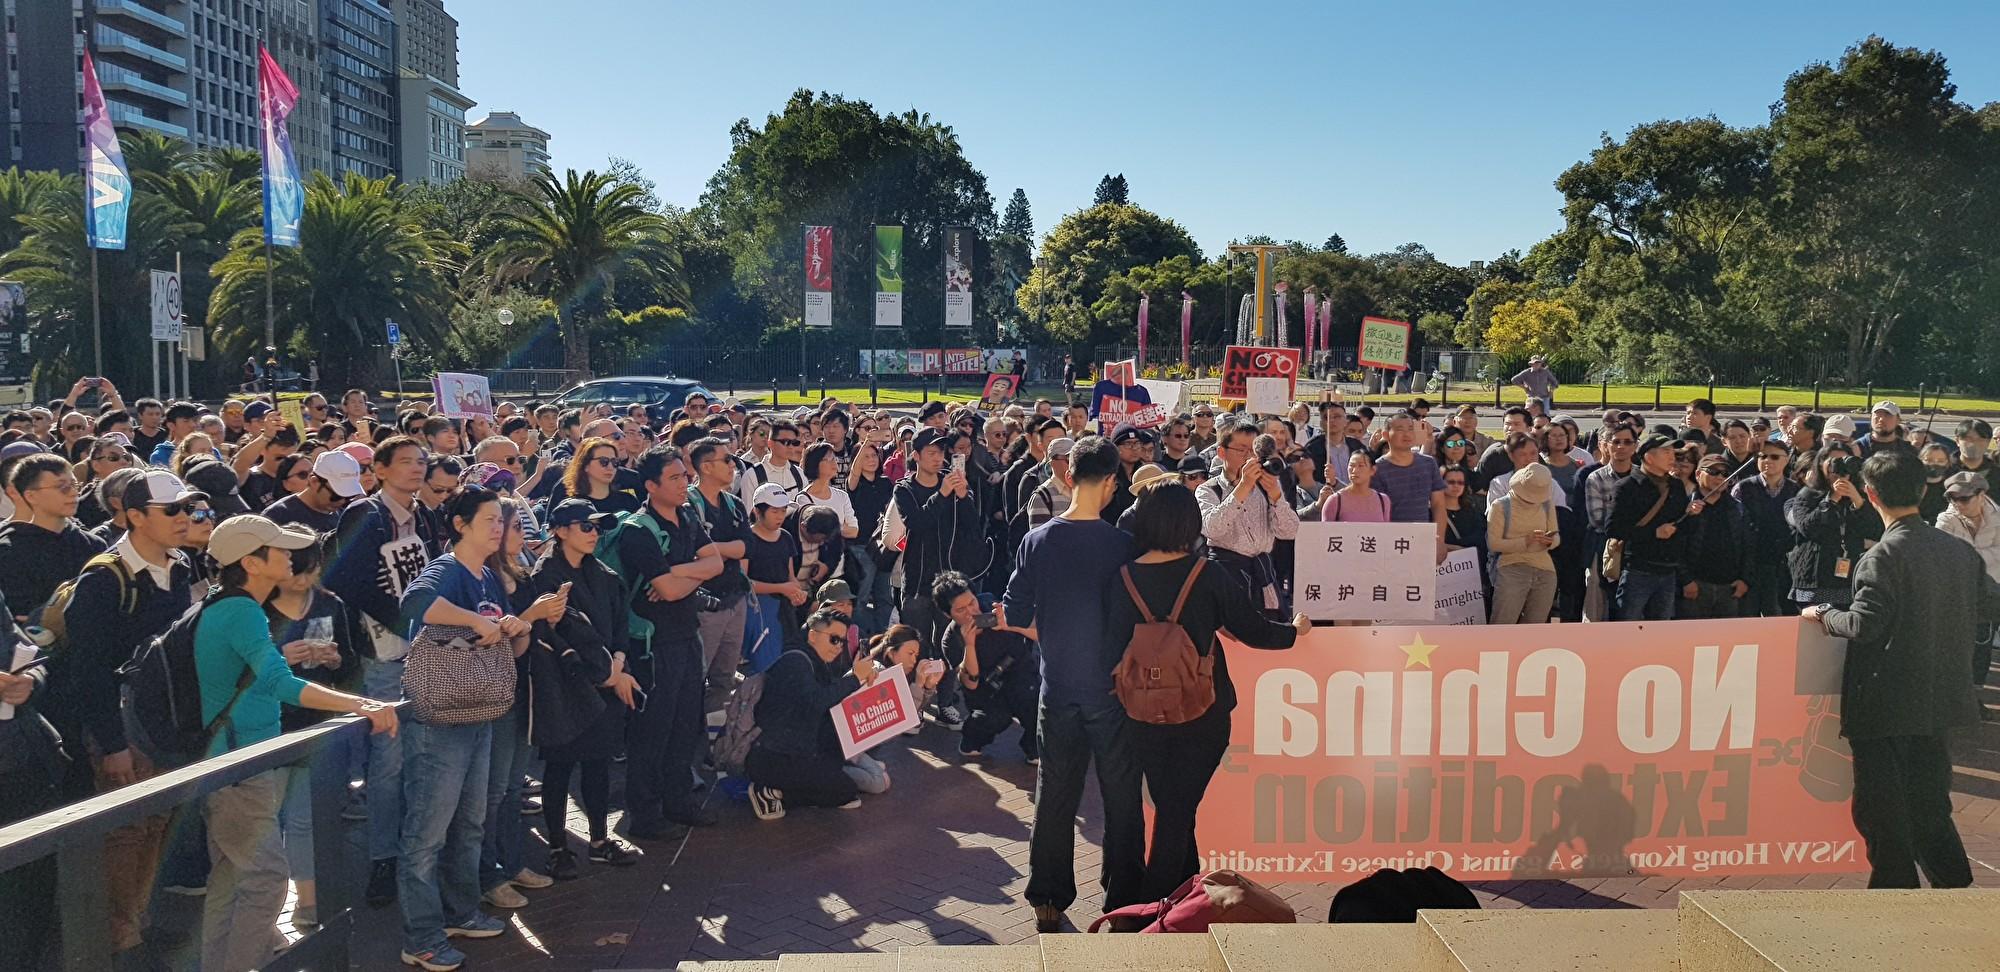 澳新州兩千多人在州立圖書館前的集會。(駱亞/大紀元)